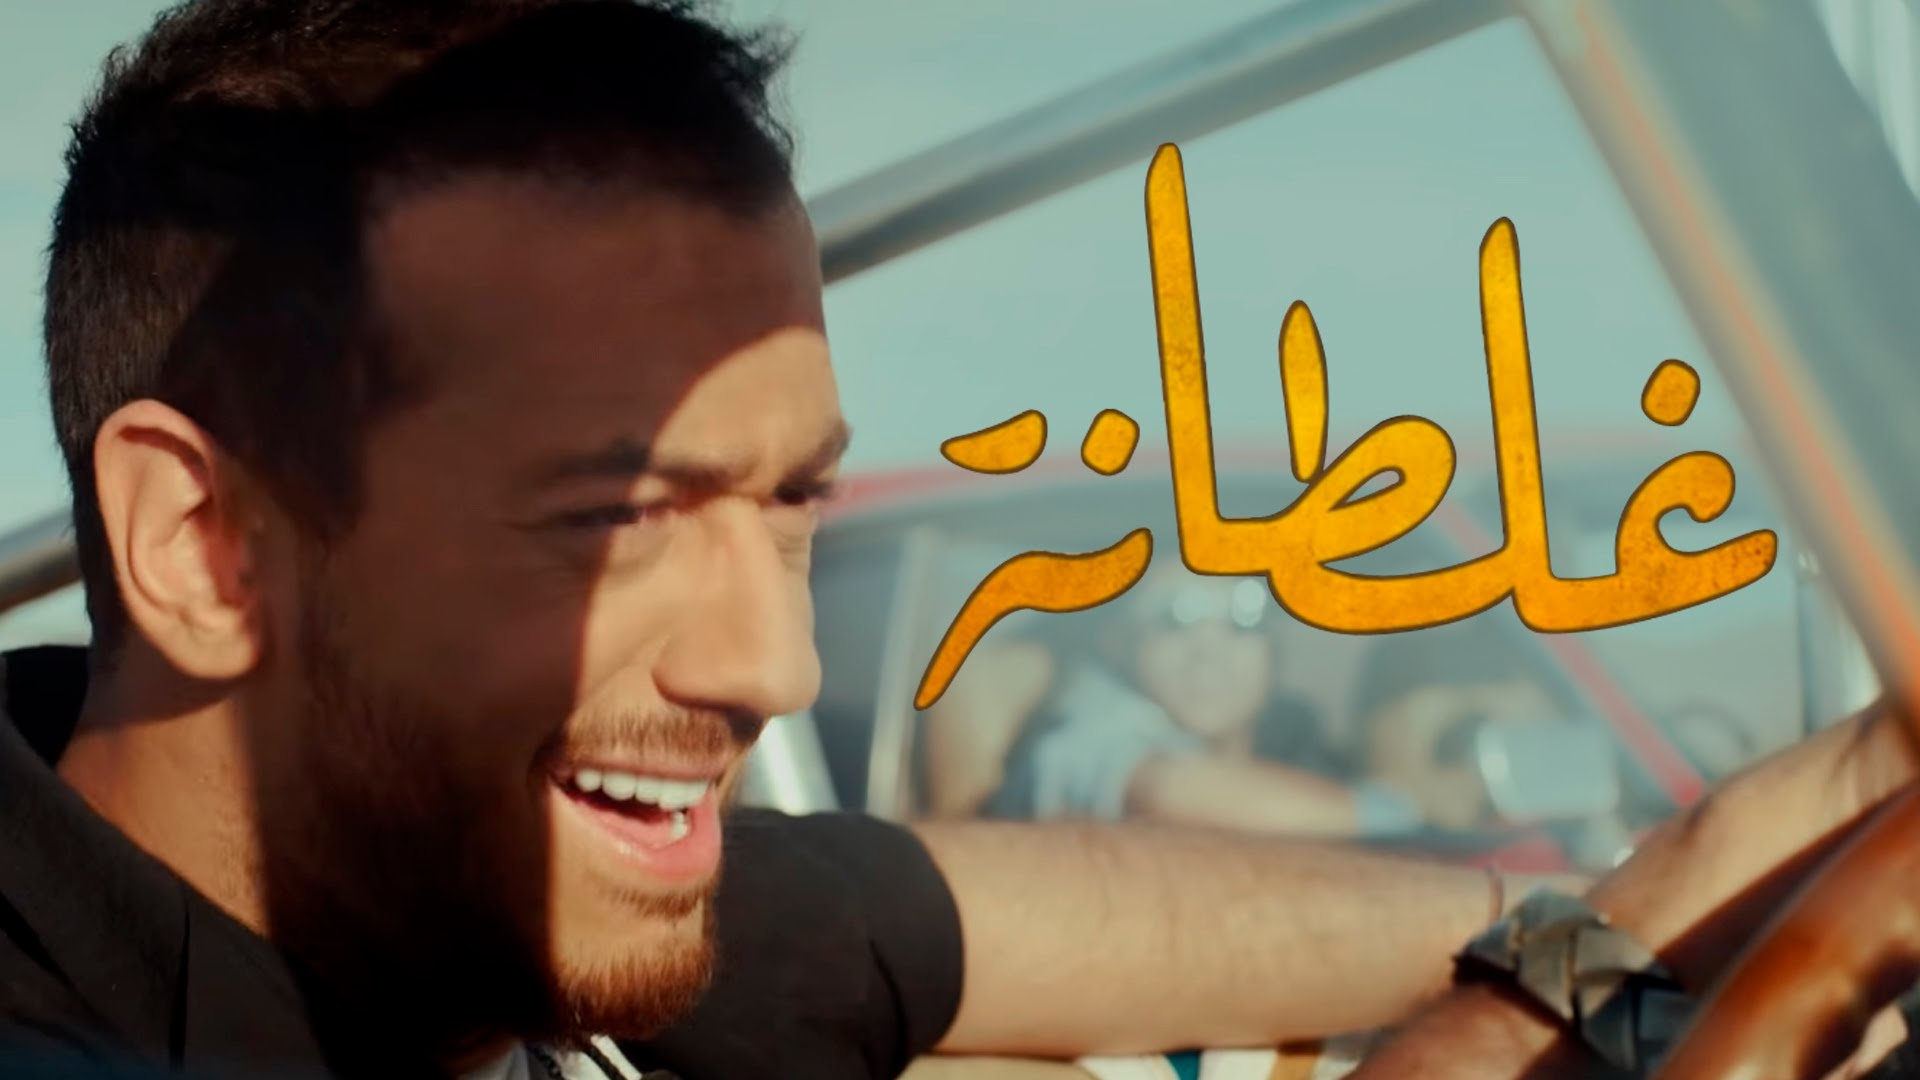 بالصور...جمهور لمجرد في المغرب وتونس وباريس يطالب بالإفراج عنه